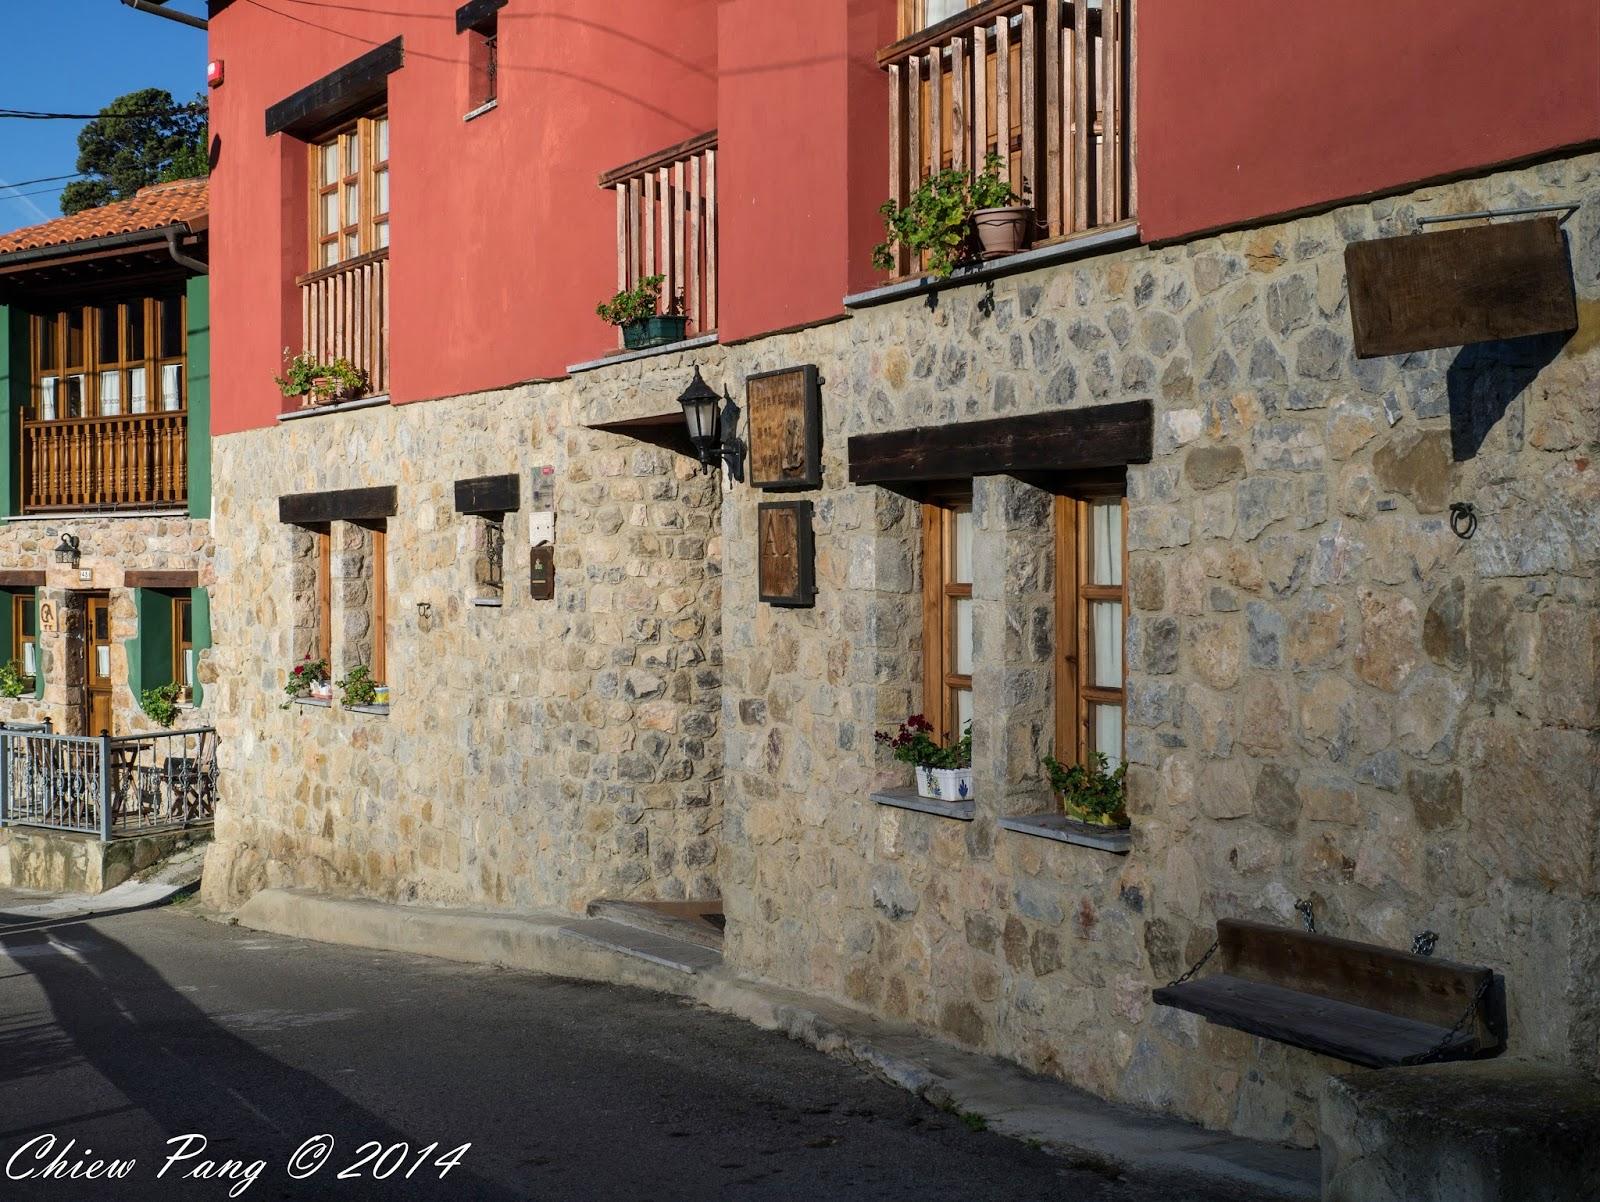 El Mirador de Oso, Proaza, Asturias